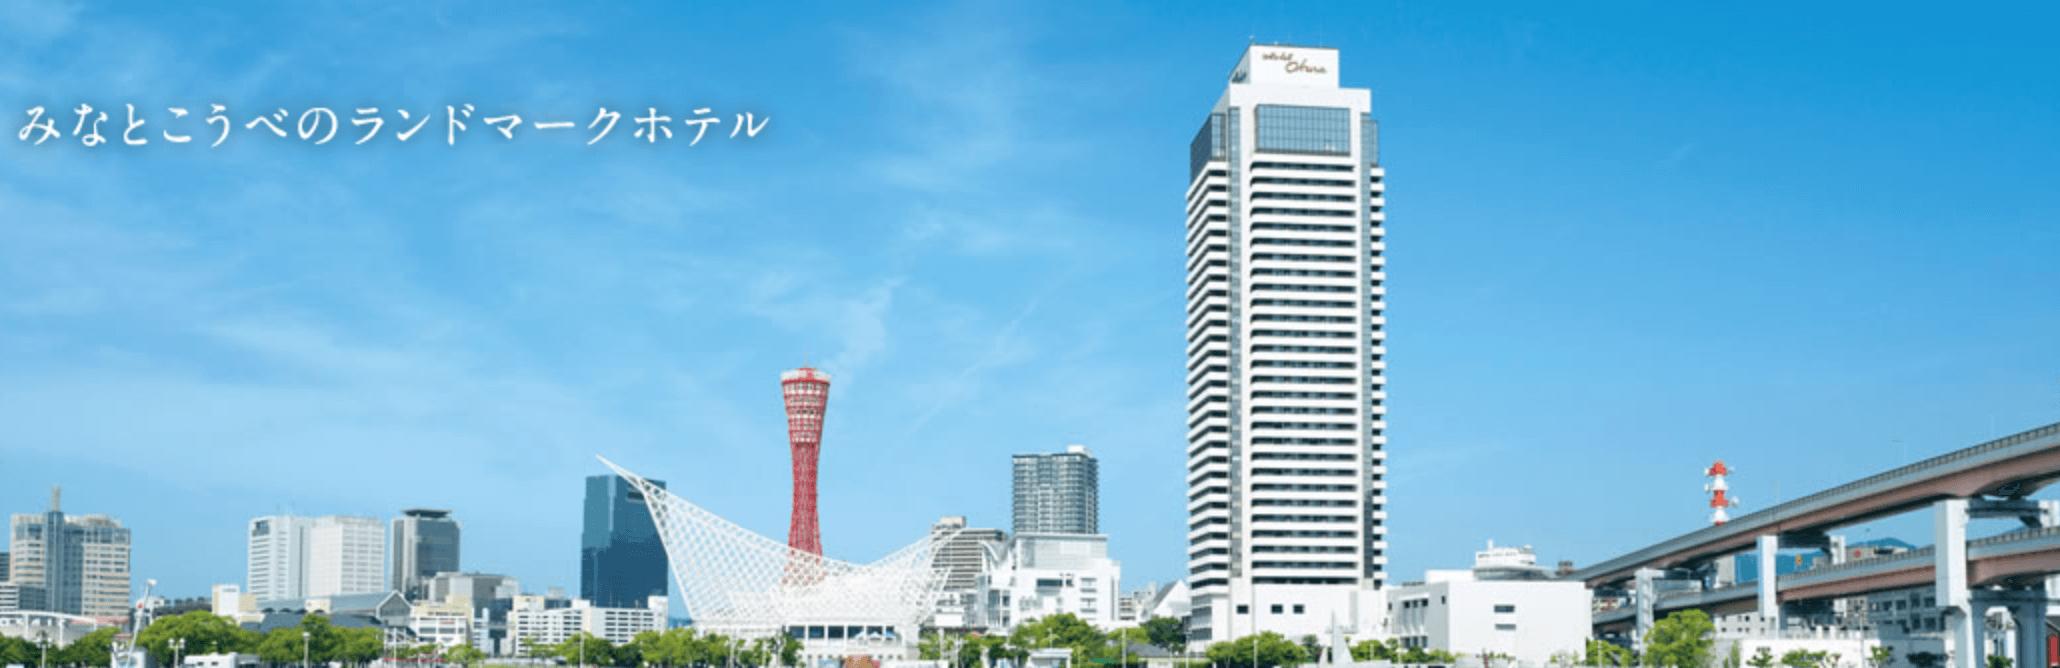 神戸でパパ活におすすめなホテル「ホテルオークラ神戸」